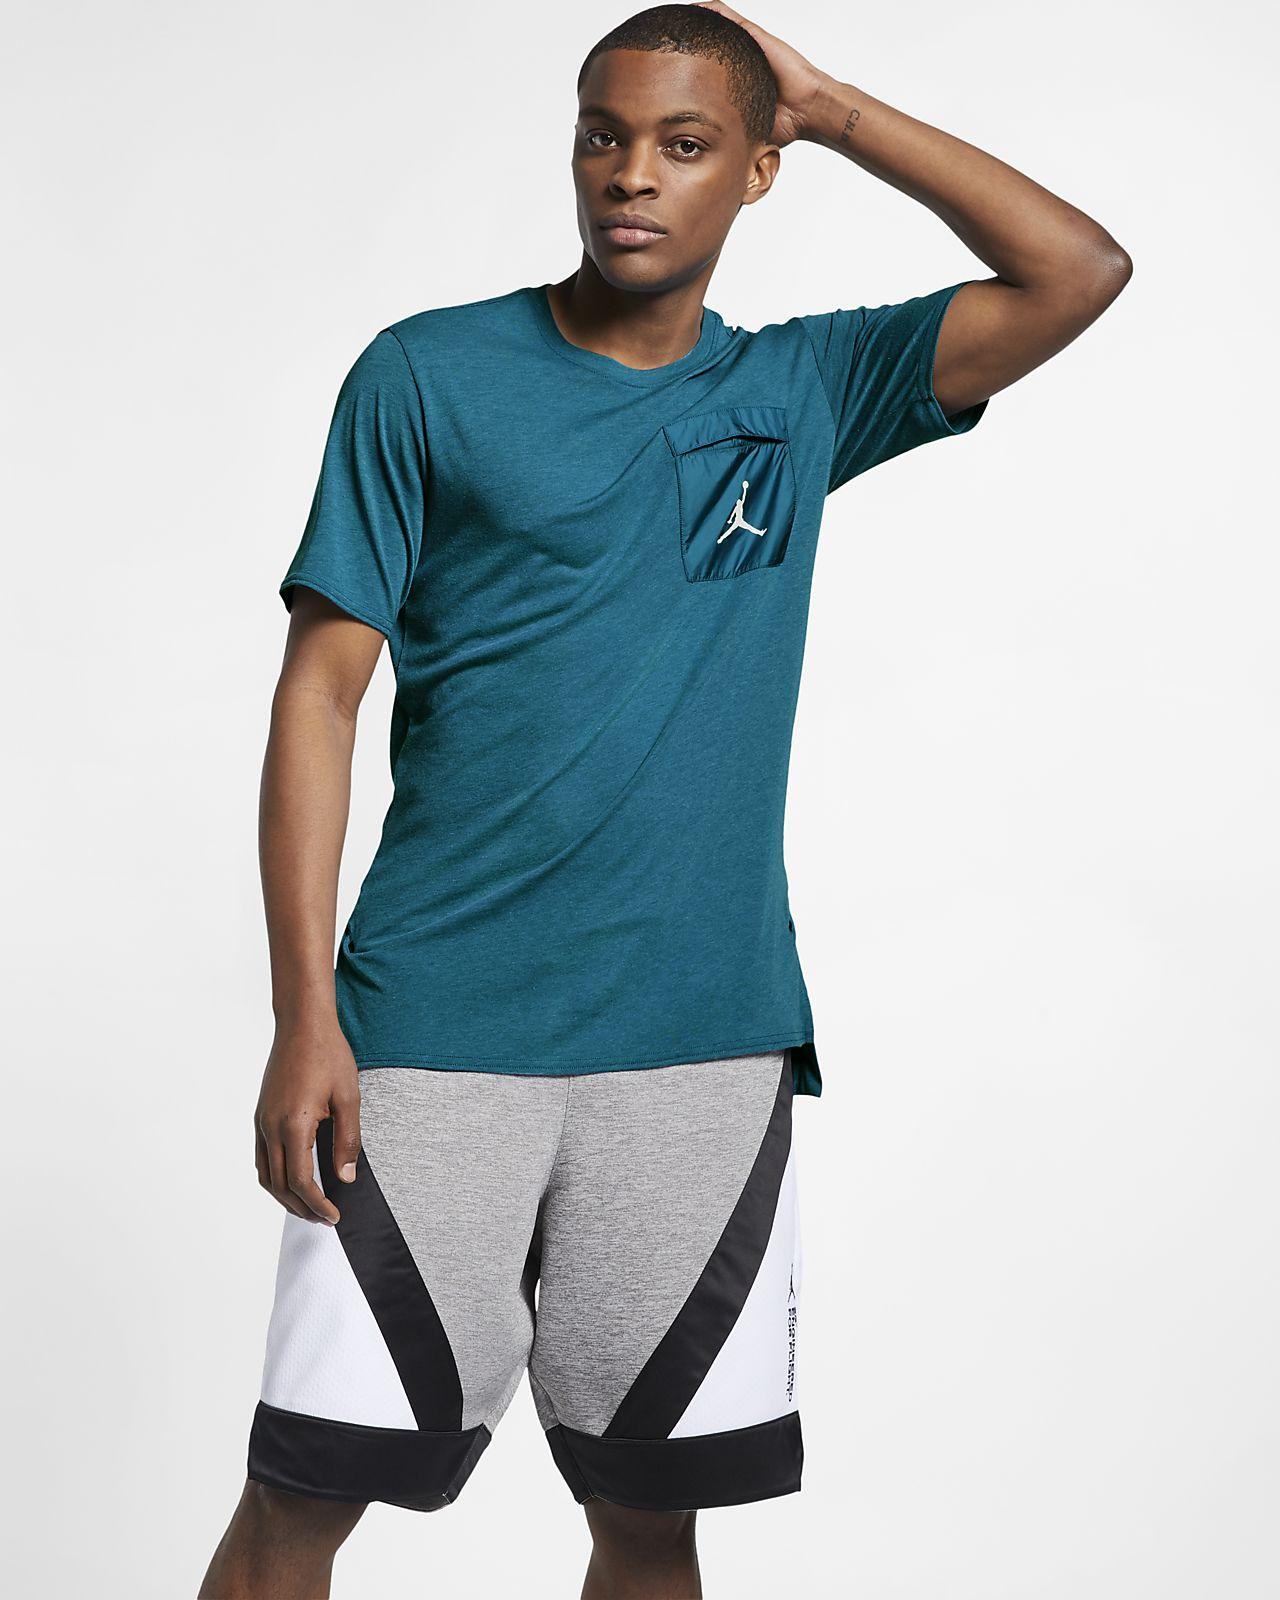 Camiseta de entrenamiento de manga corta para hombre Jordan 23 Engineered Cool